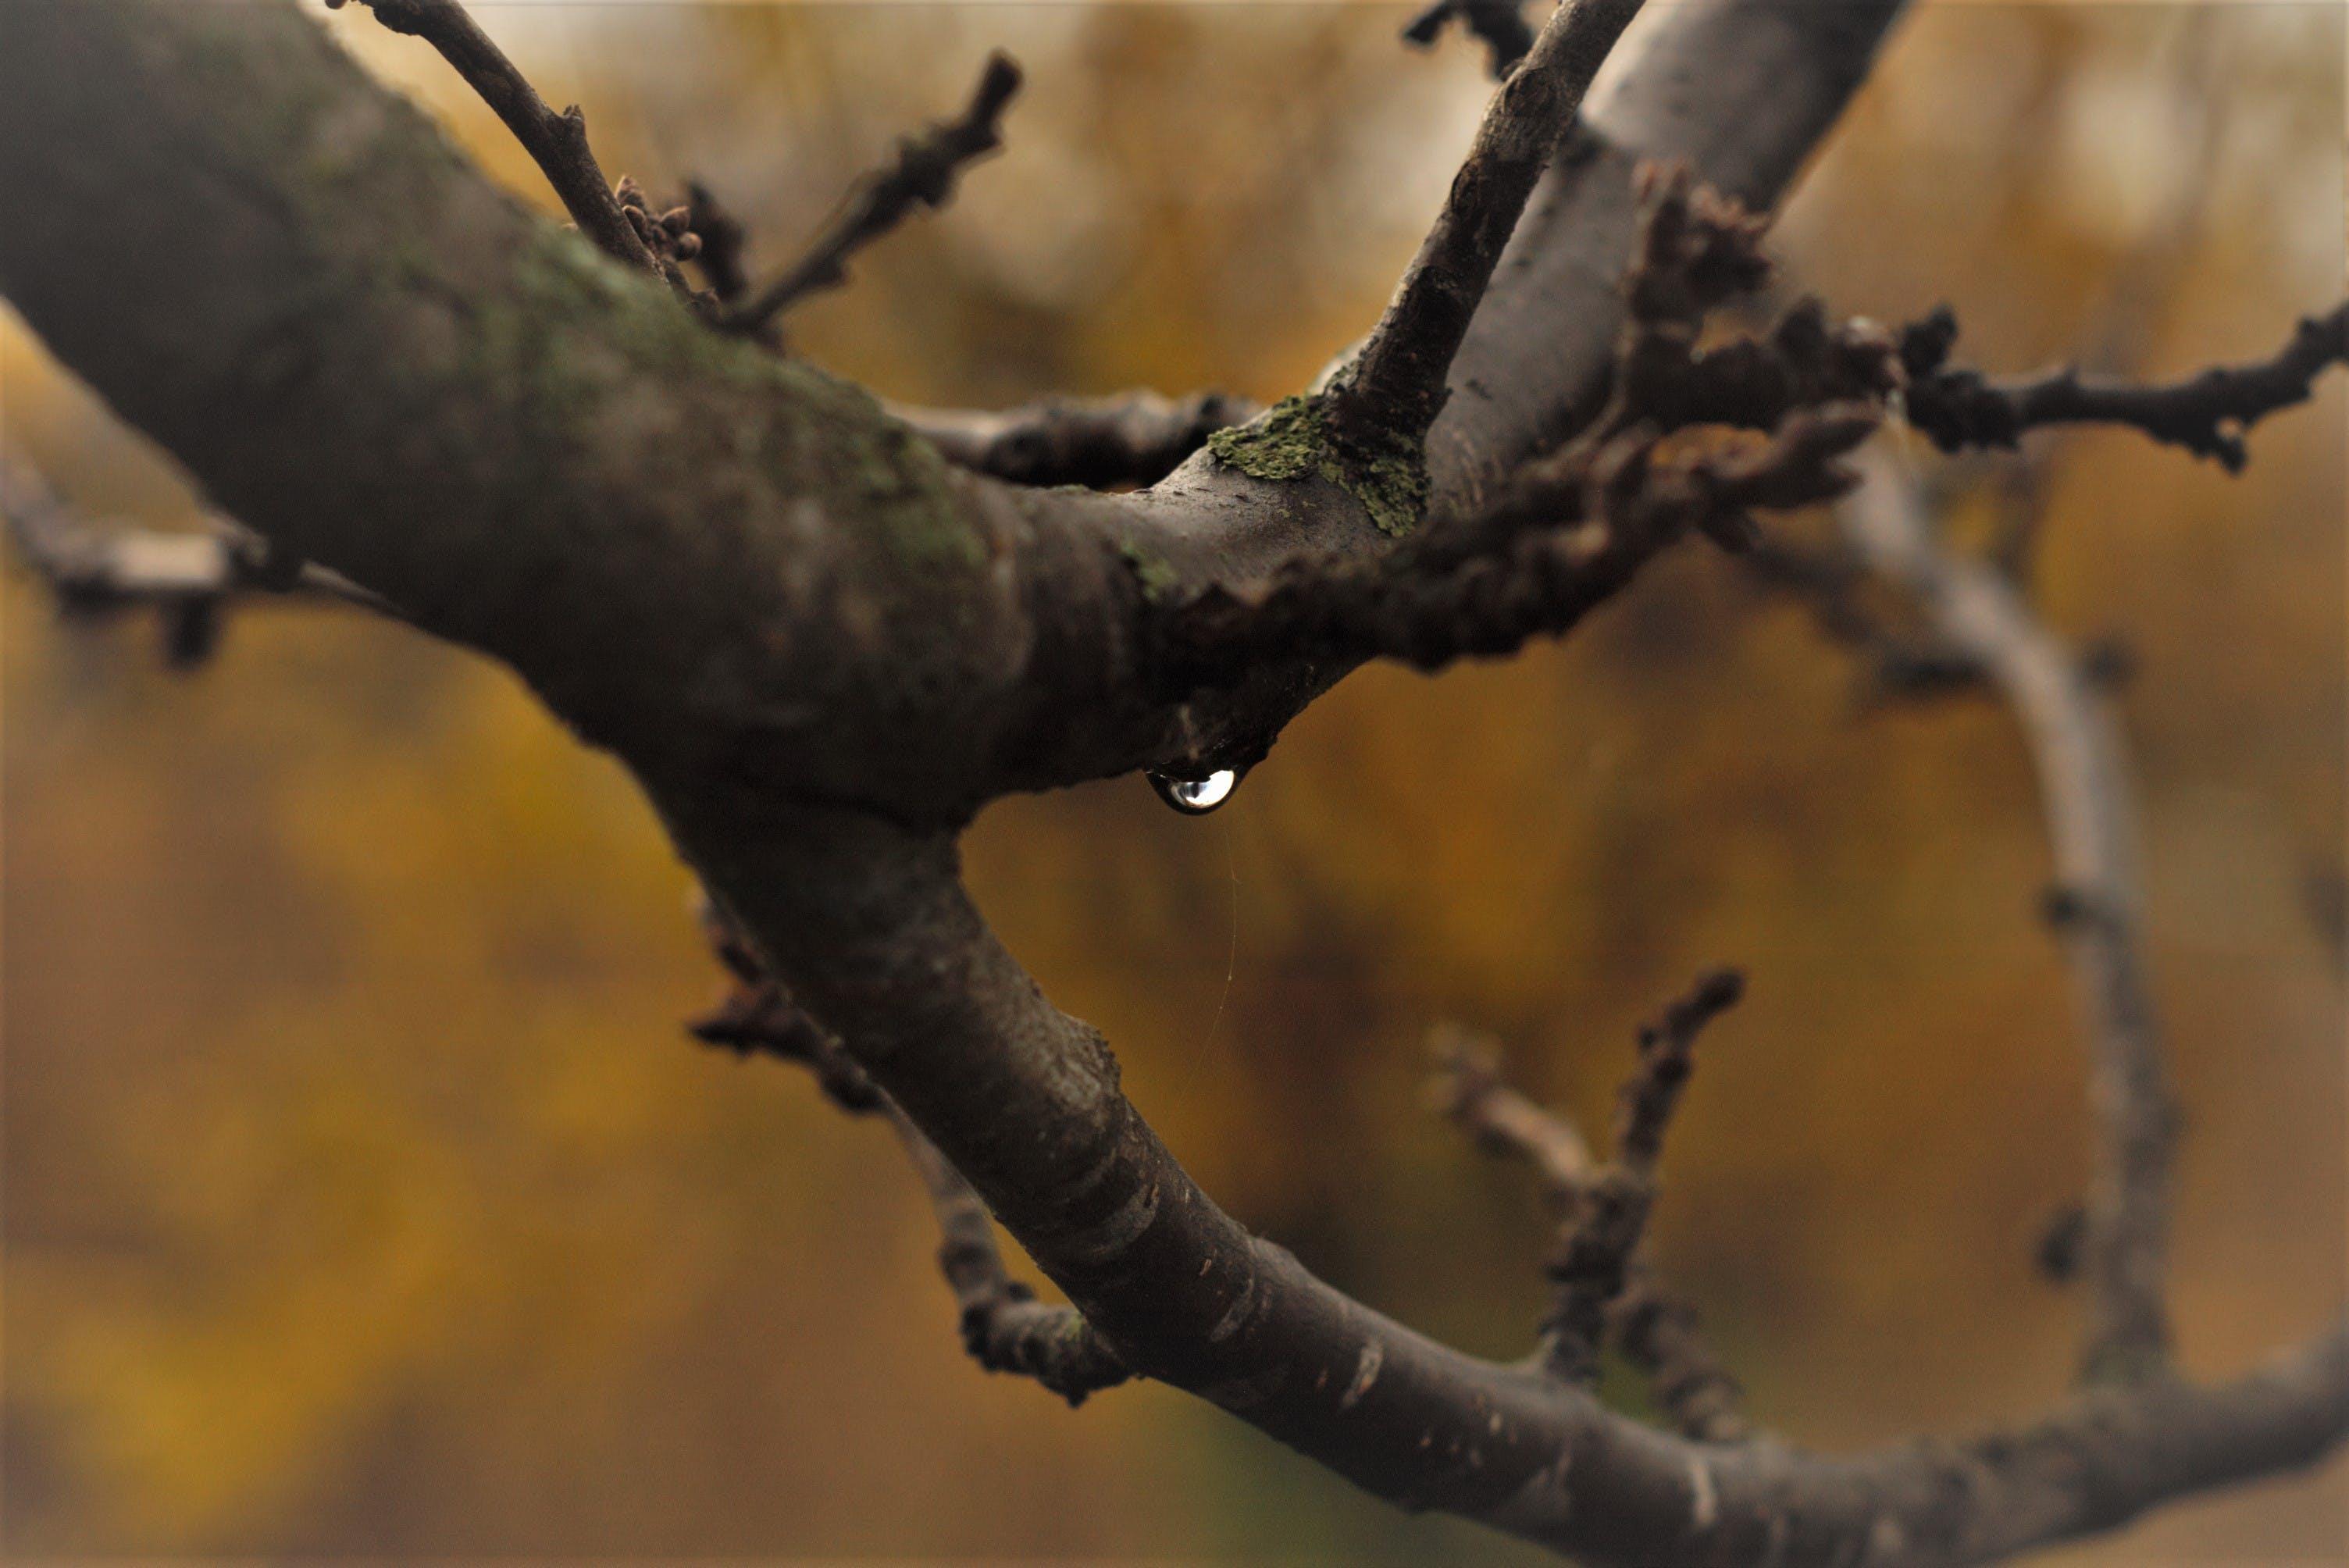 Kostnadsfri bild av fokus, grenar, liten droppe, miljö